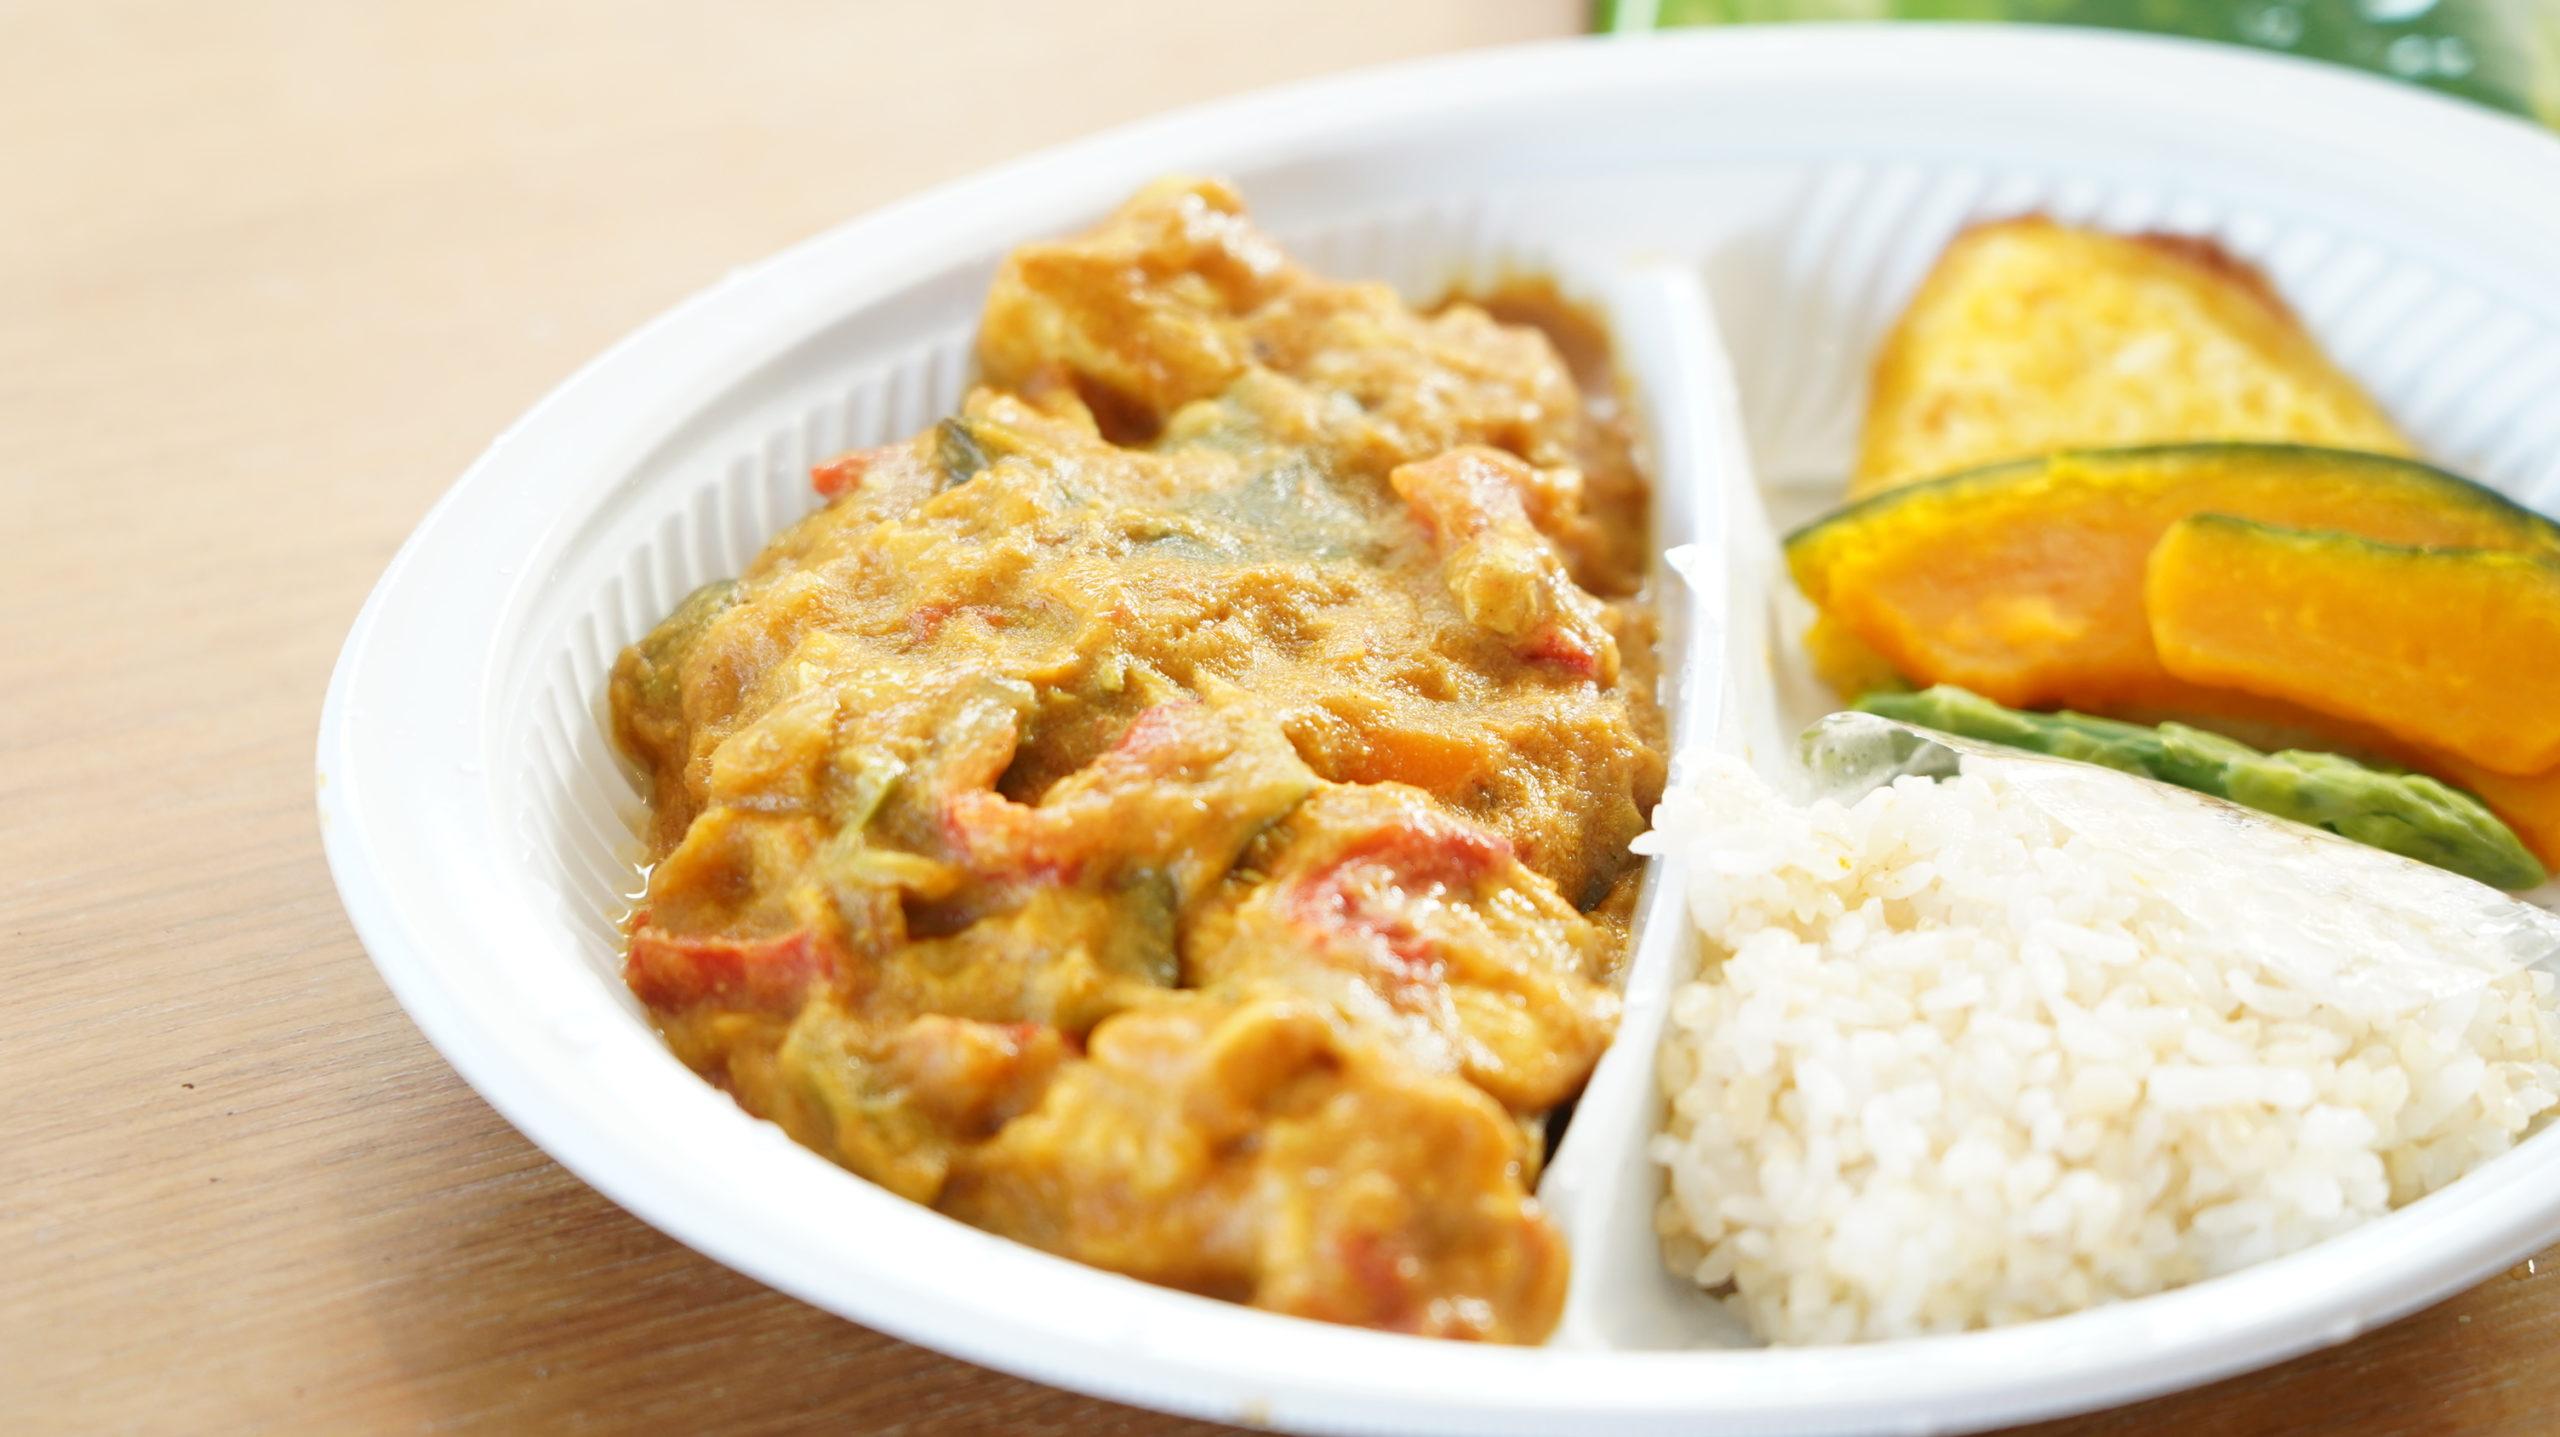 More than Deli(モアザンデリ)の冷凍弁当「鶏むね肉の野菜たっぷりカレー」のクローズアップ写真